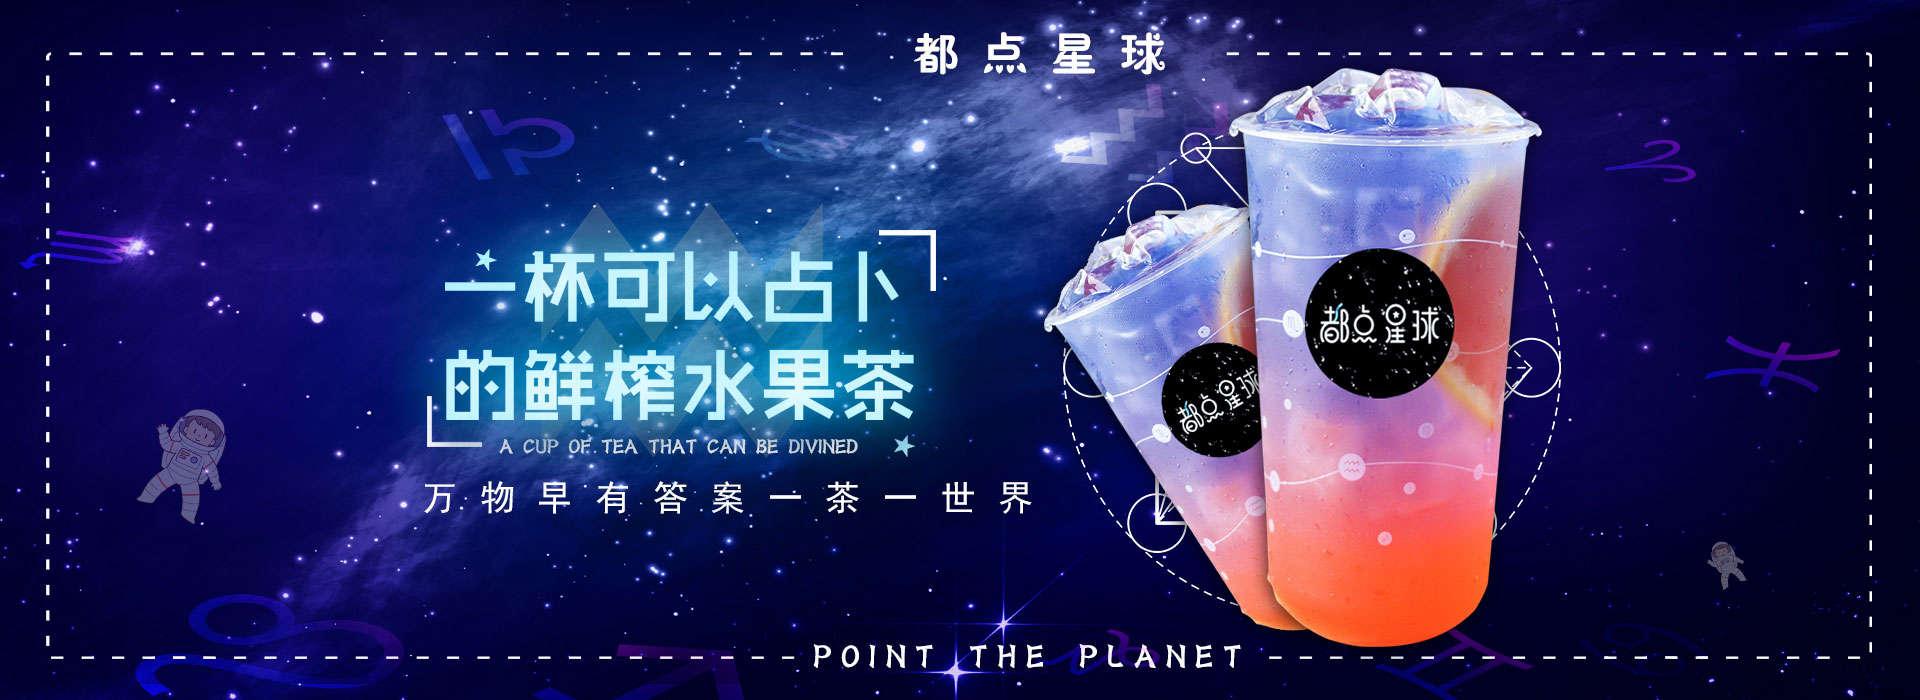 都点星球占星茶_昌启餐饮奶茶加盟